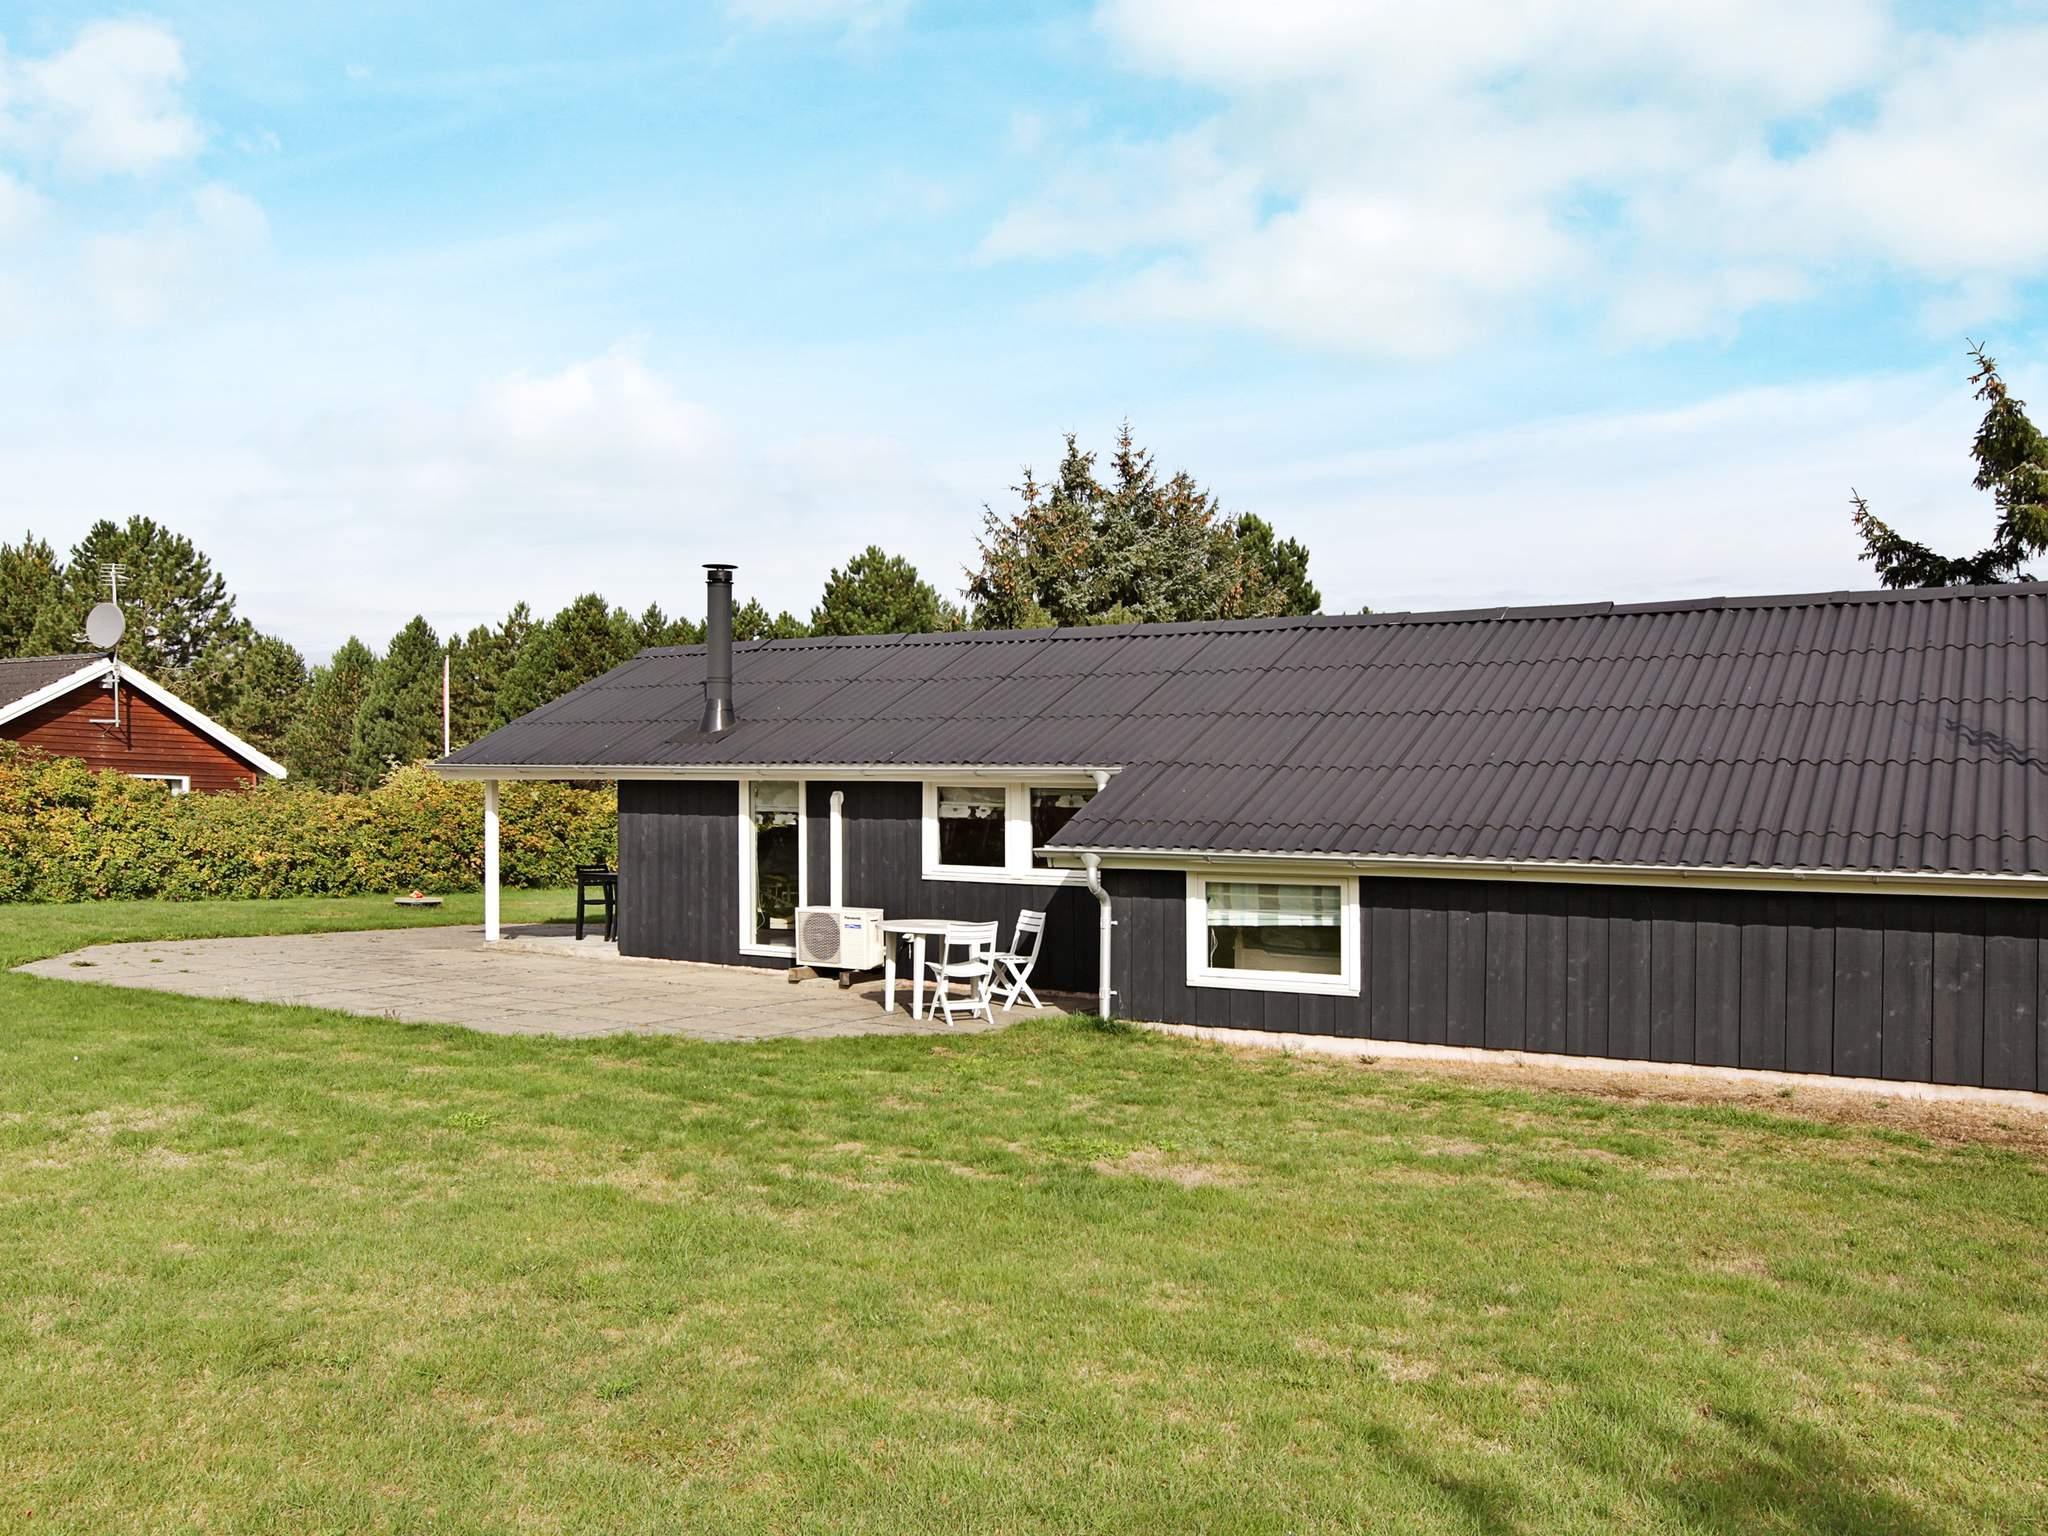 Ferienhaus Kramnitze (87258), Kramnitse, , Lolland, Dänemark, Bild 13